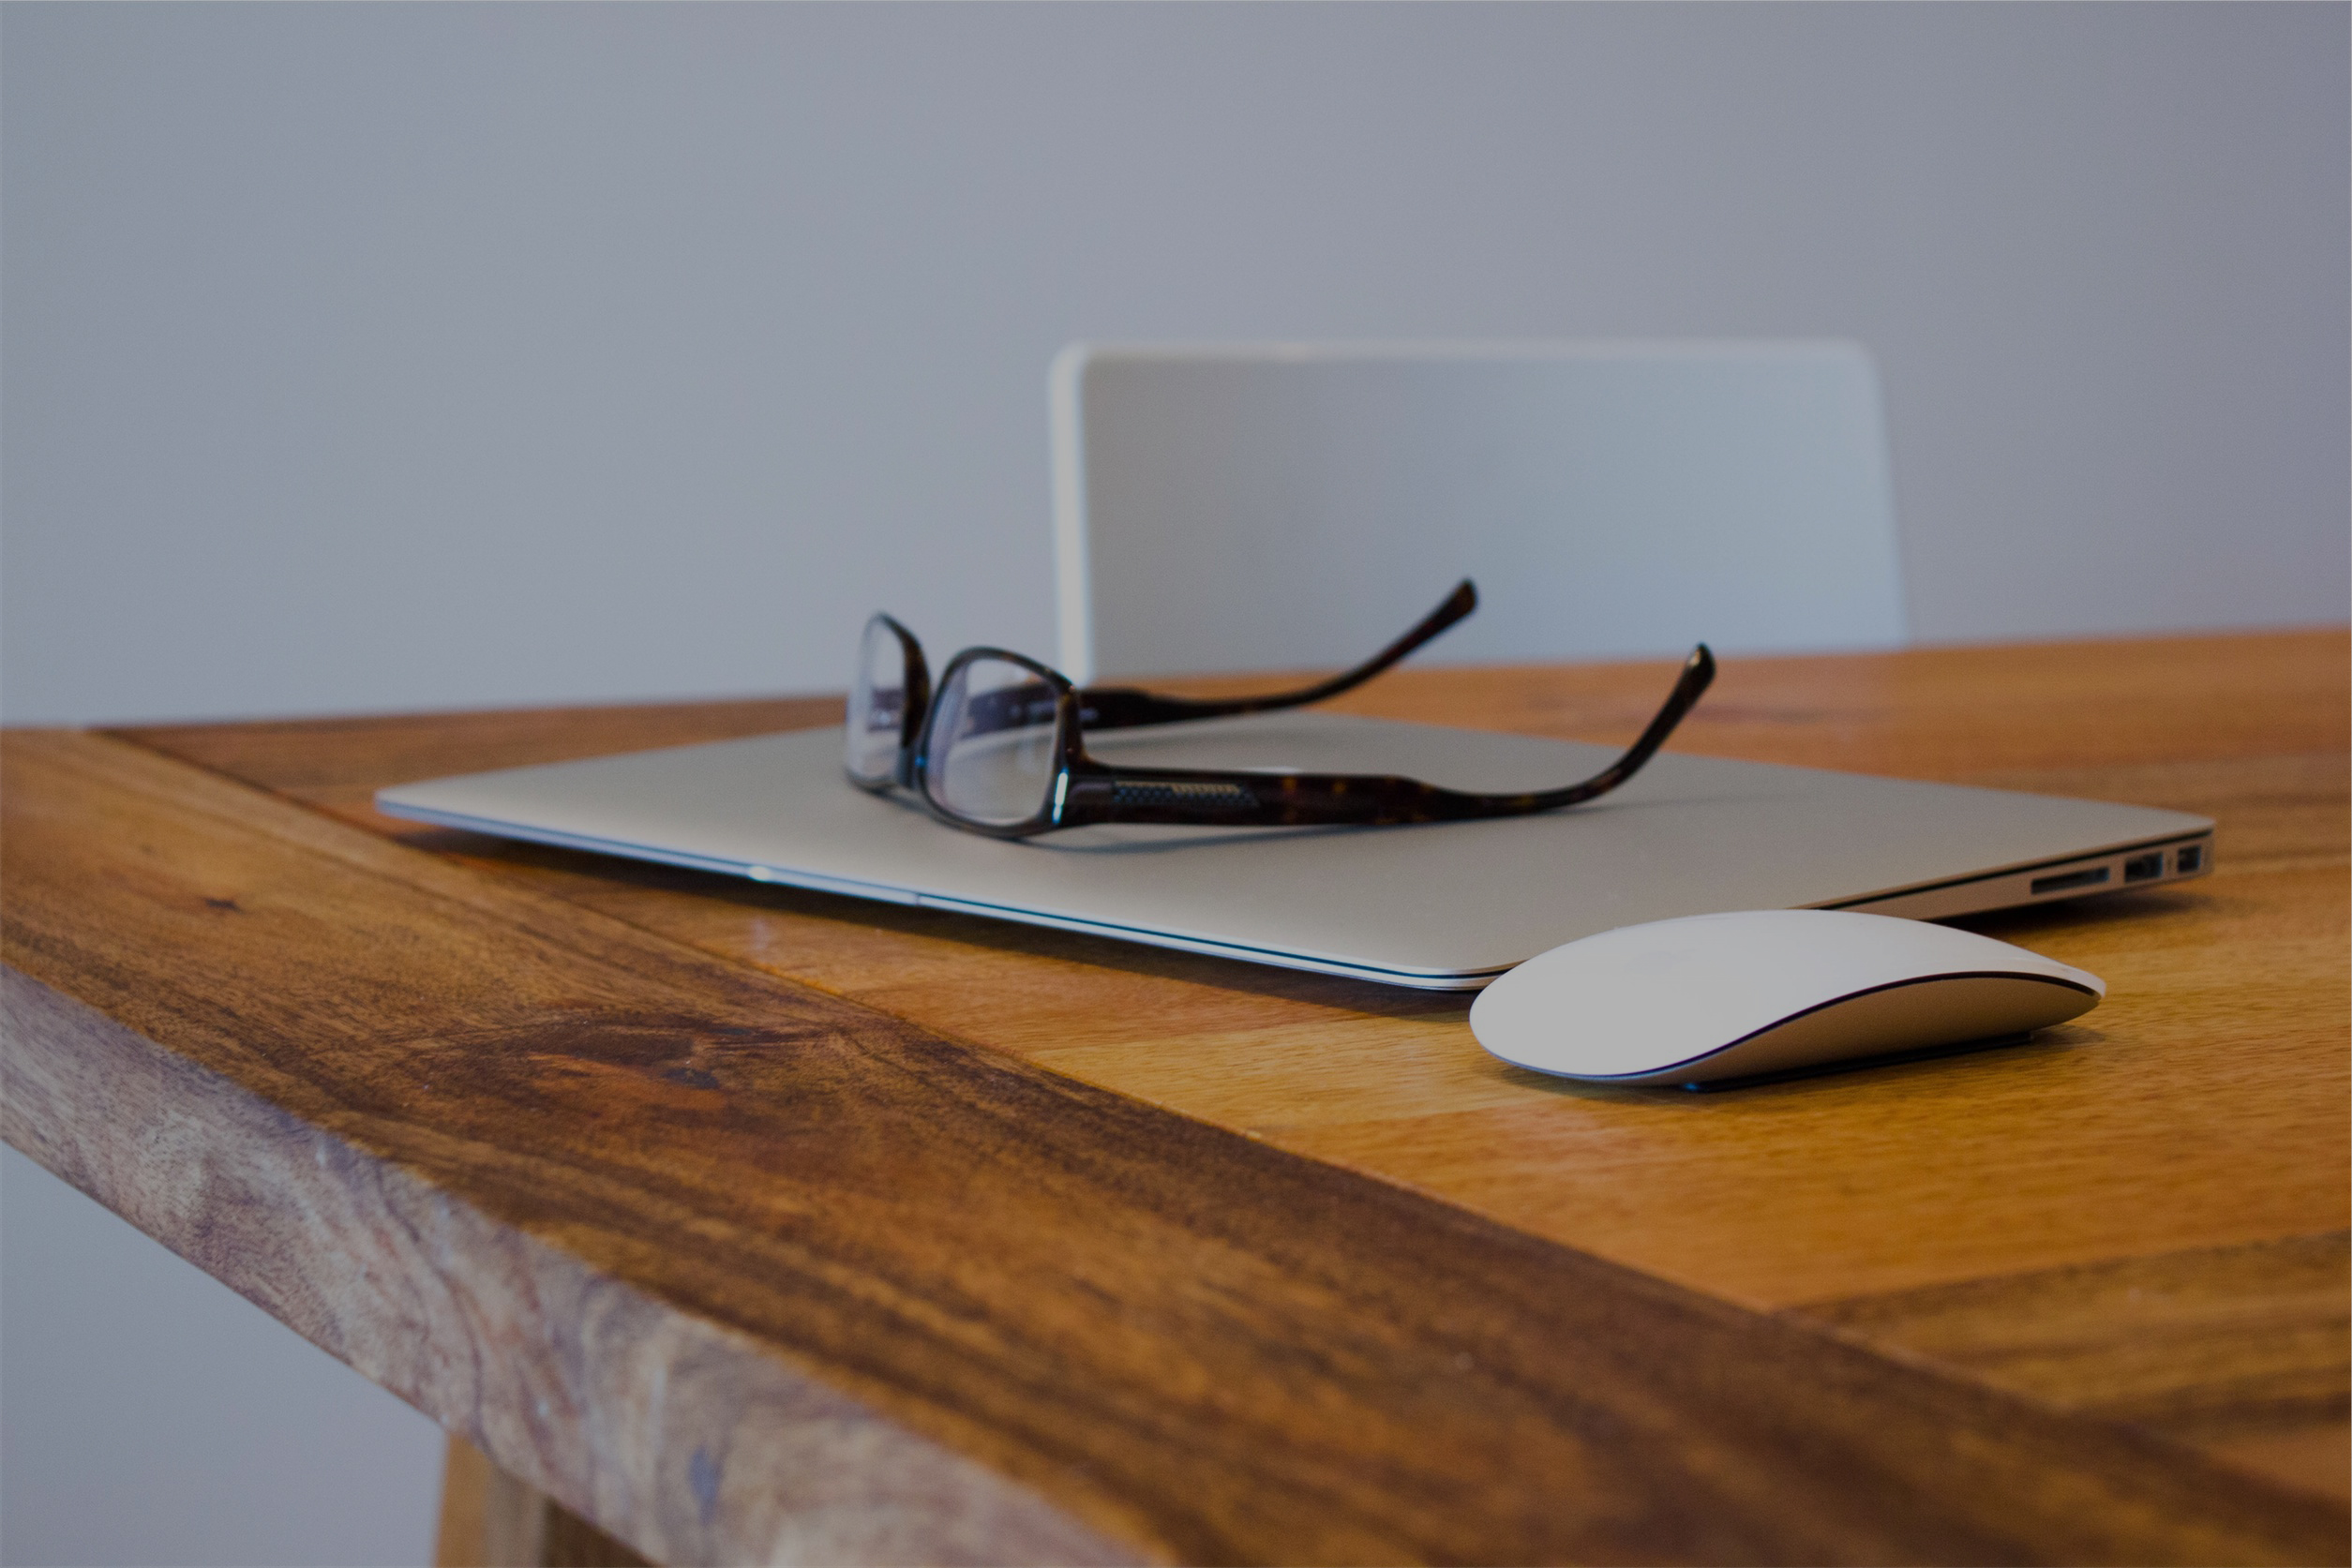 Launch a WordPress<br> Website on Dreamhost